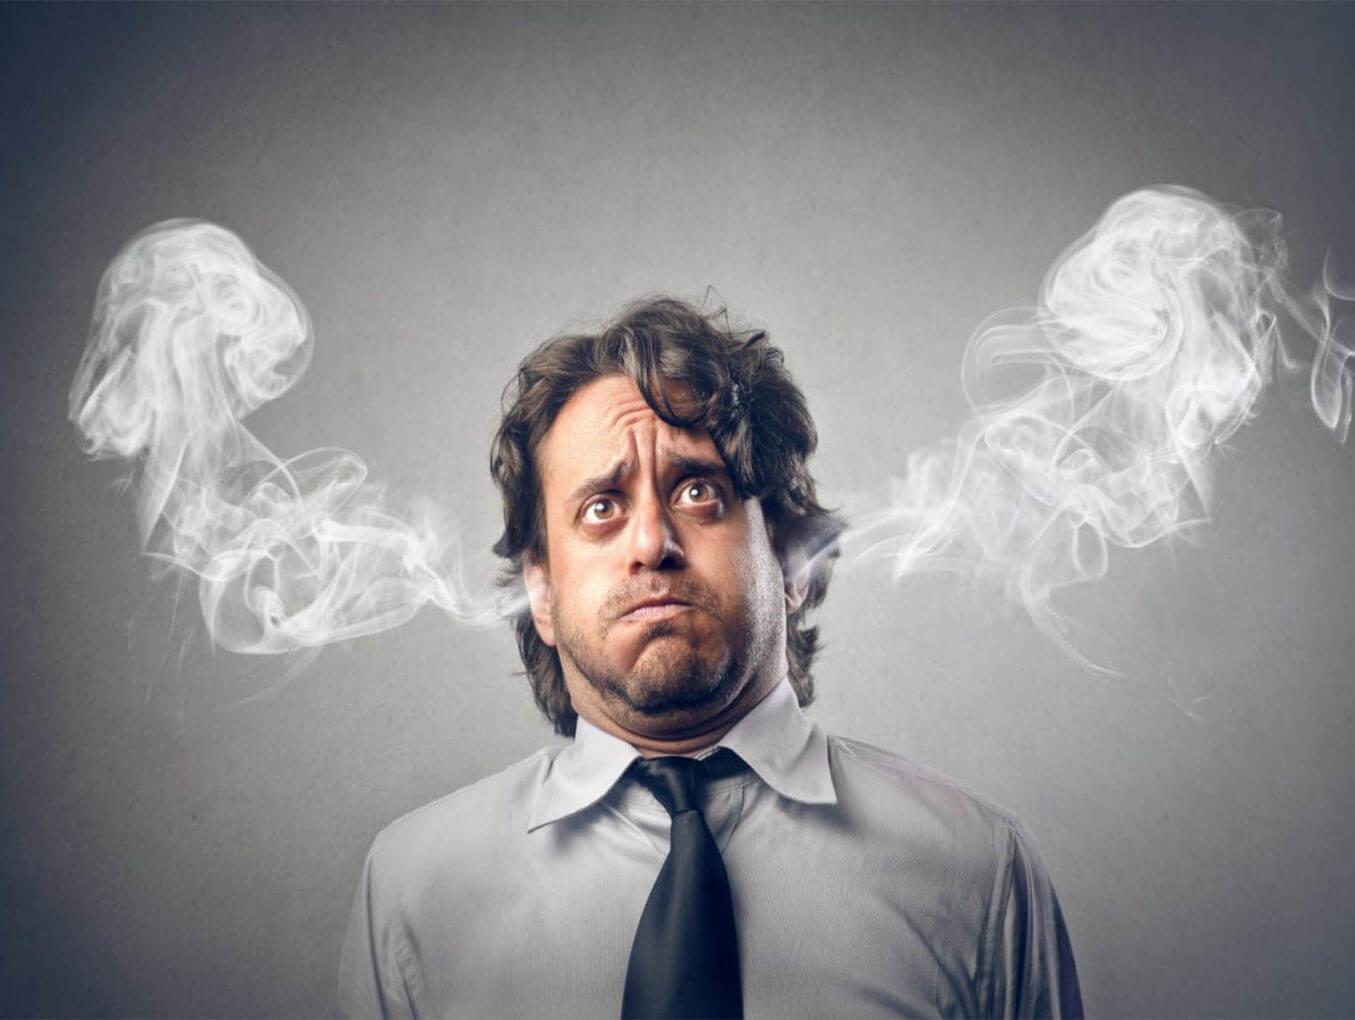 После стресса: приводим себя в рабочее состояние